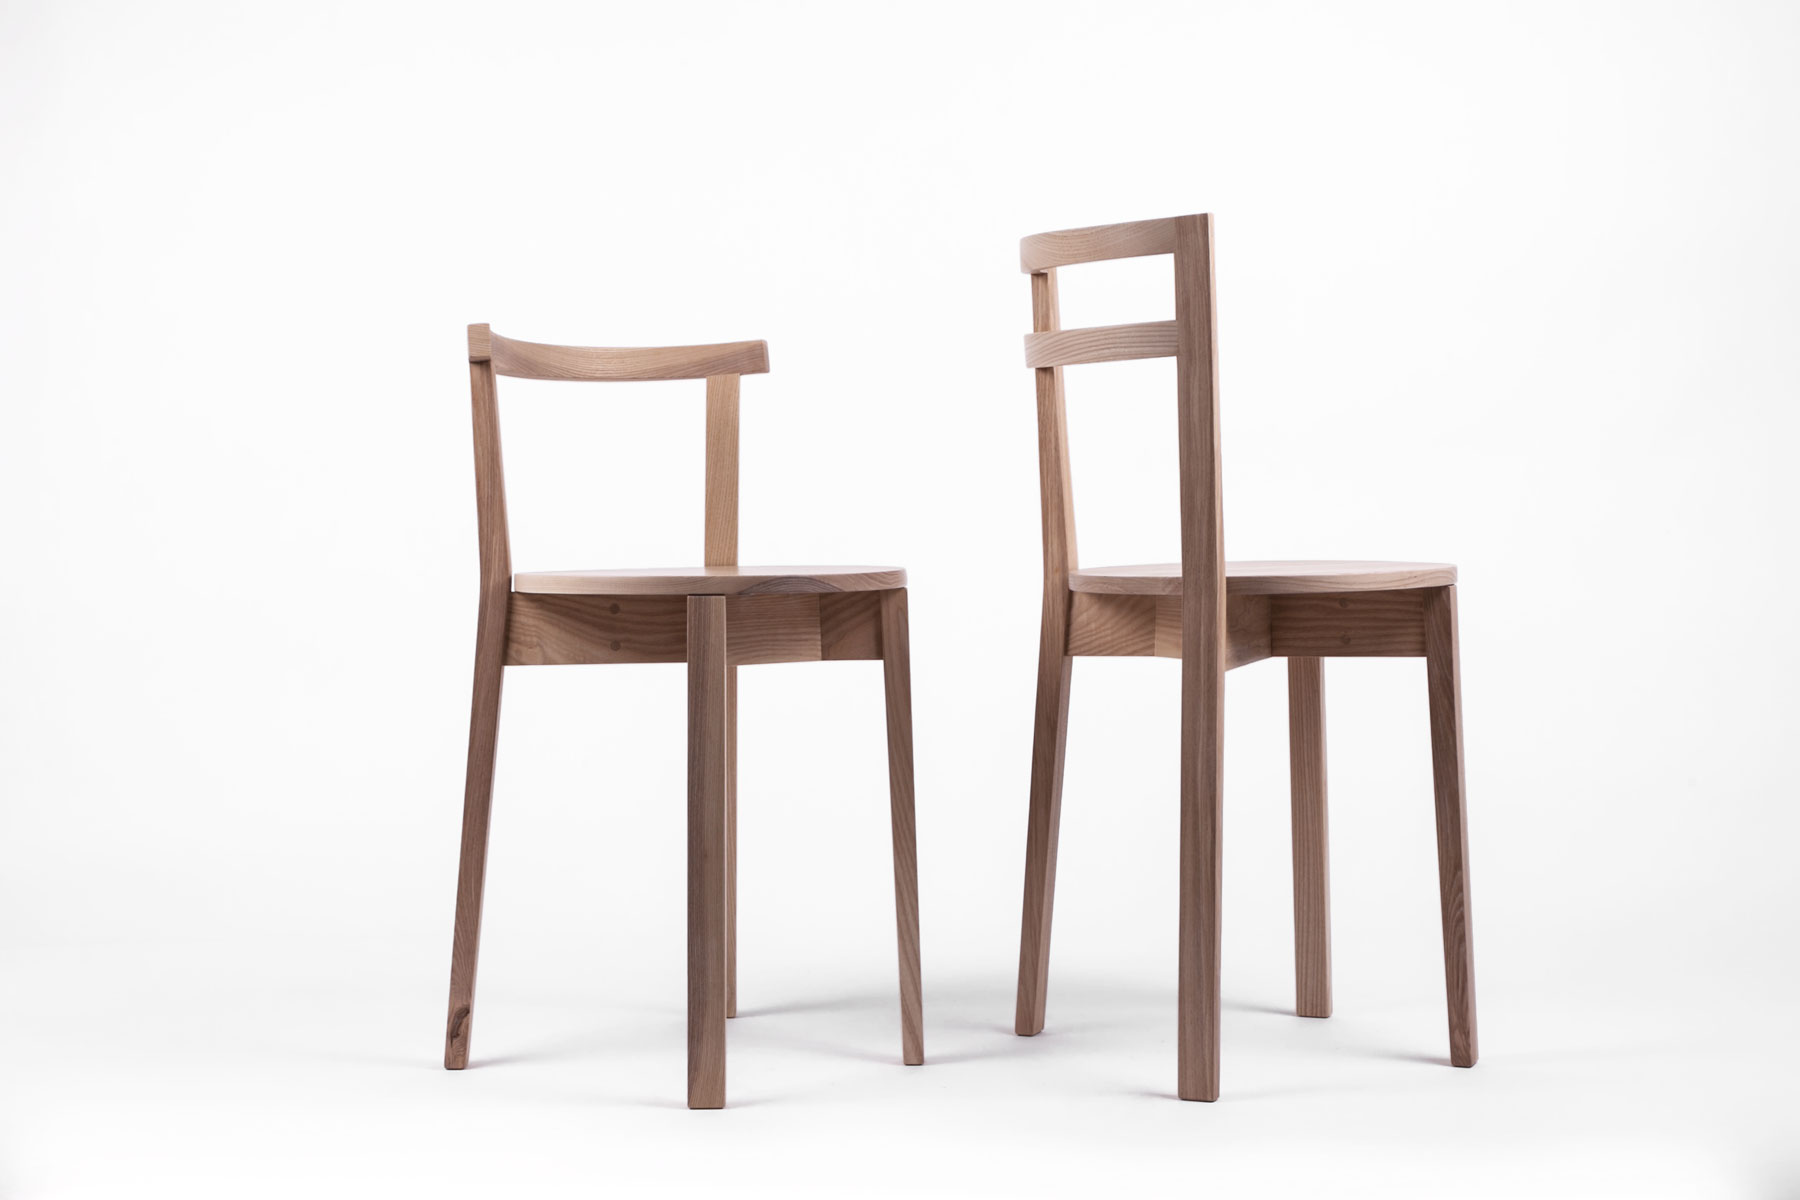 fin-cafe chair-cc-group.jpg